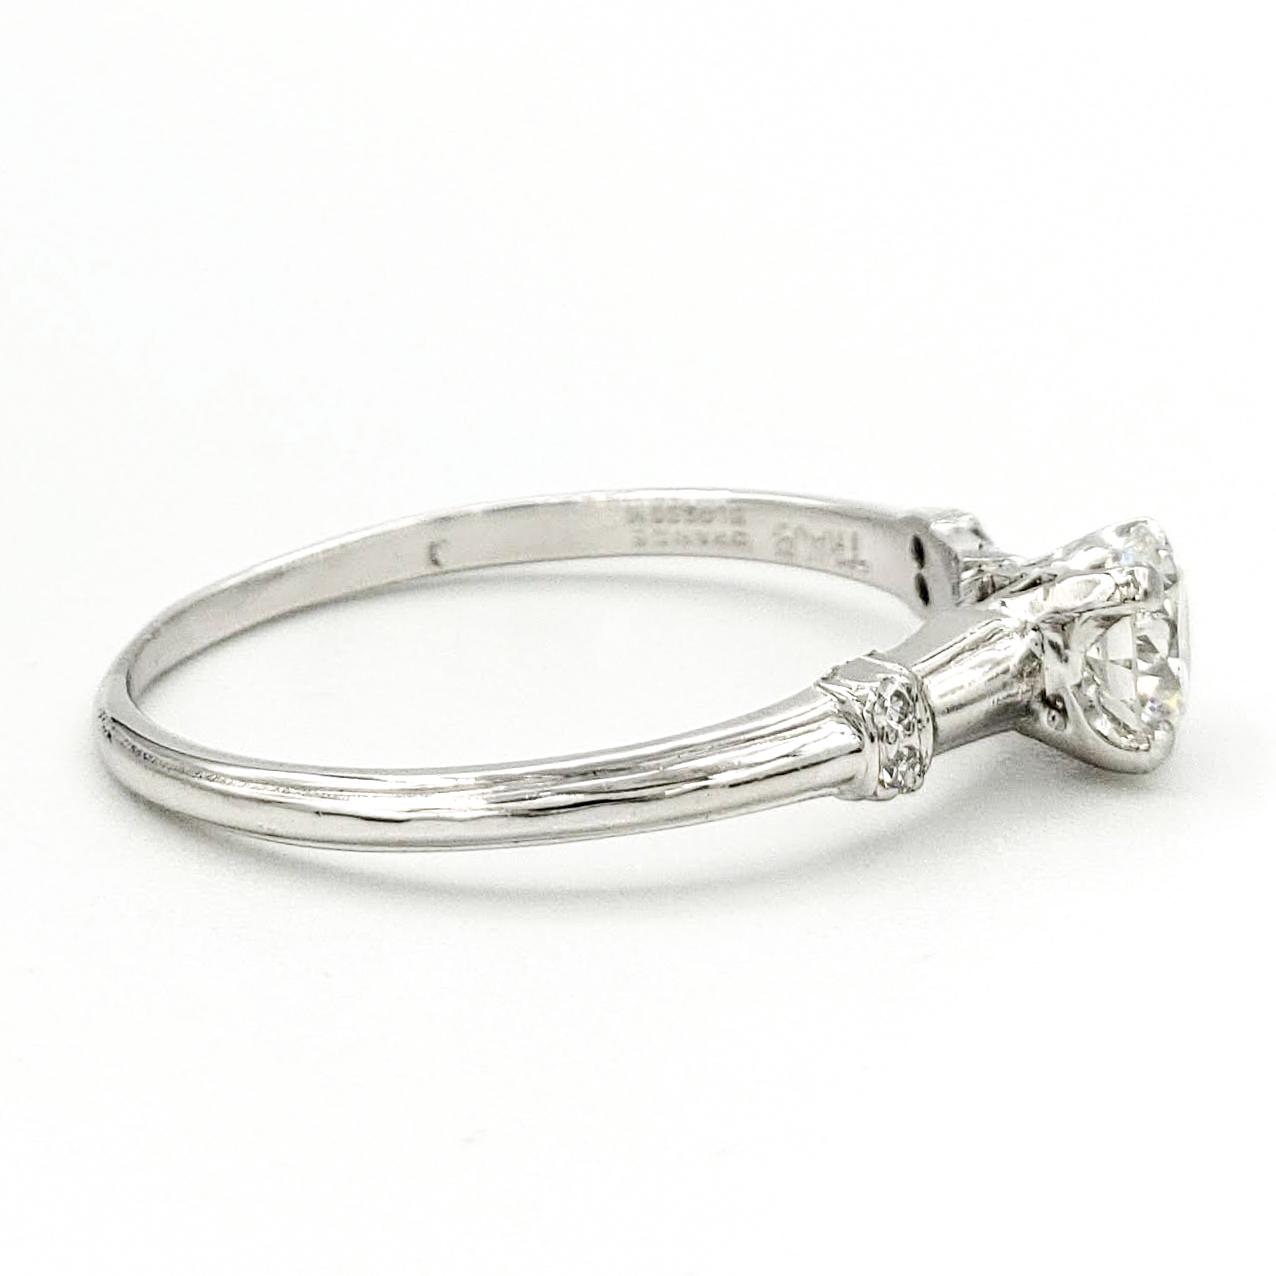 vintage-platinum-engagement-ring-with-0-45-carat-round-brilliant-cut-diamond-gia-h-vs2